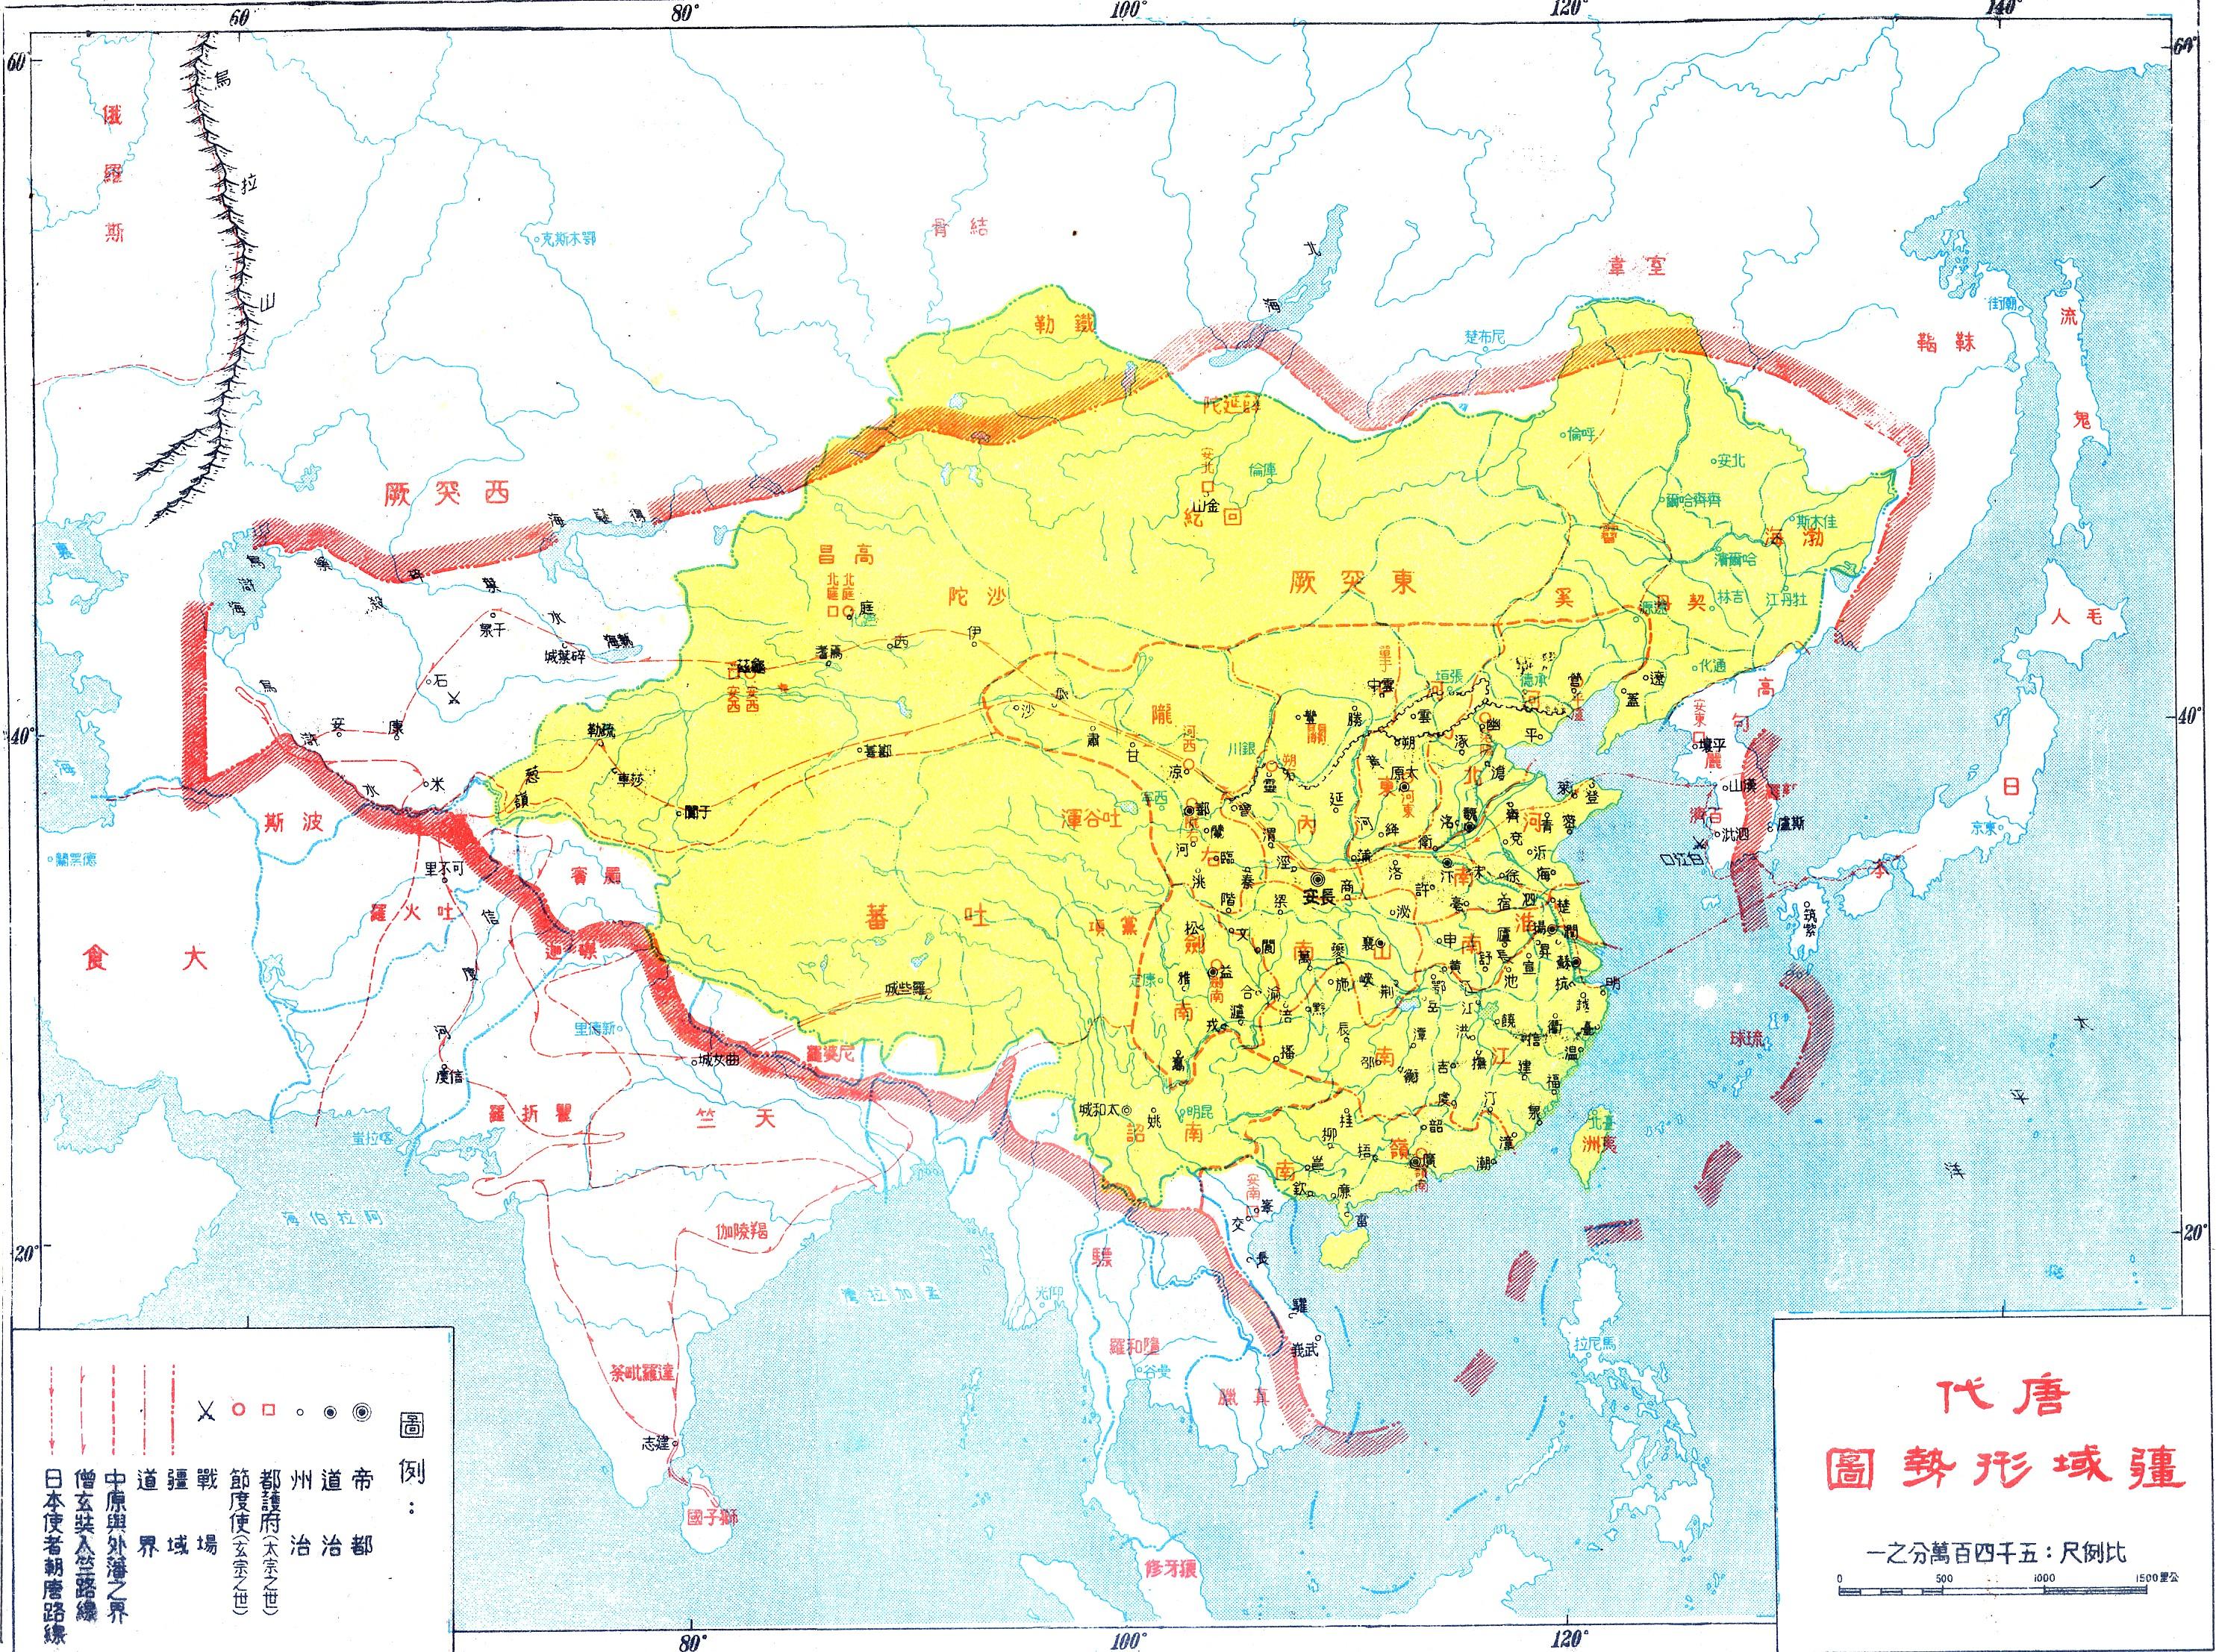 全盛时期元朝地图_明朝全盛疆域图_裕安图片网